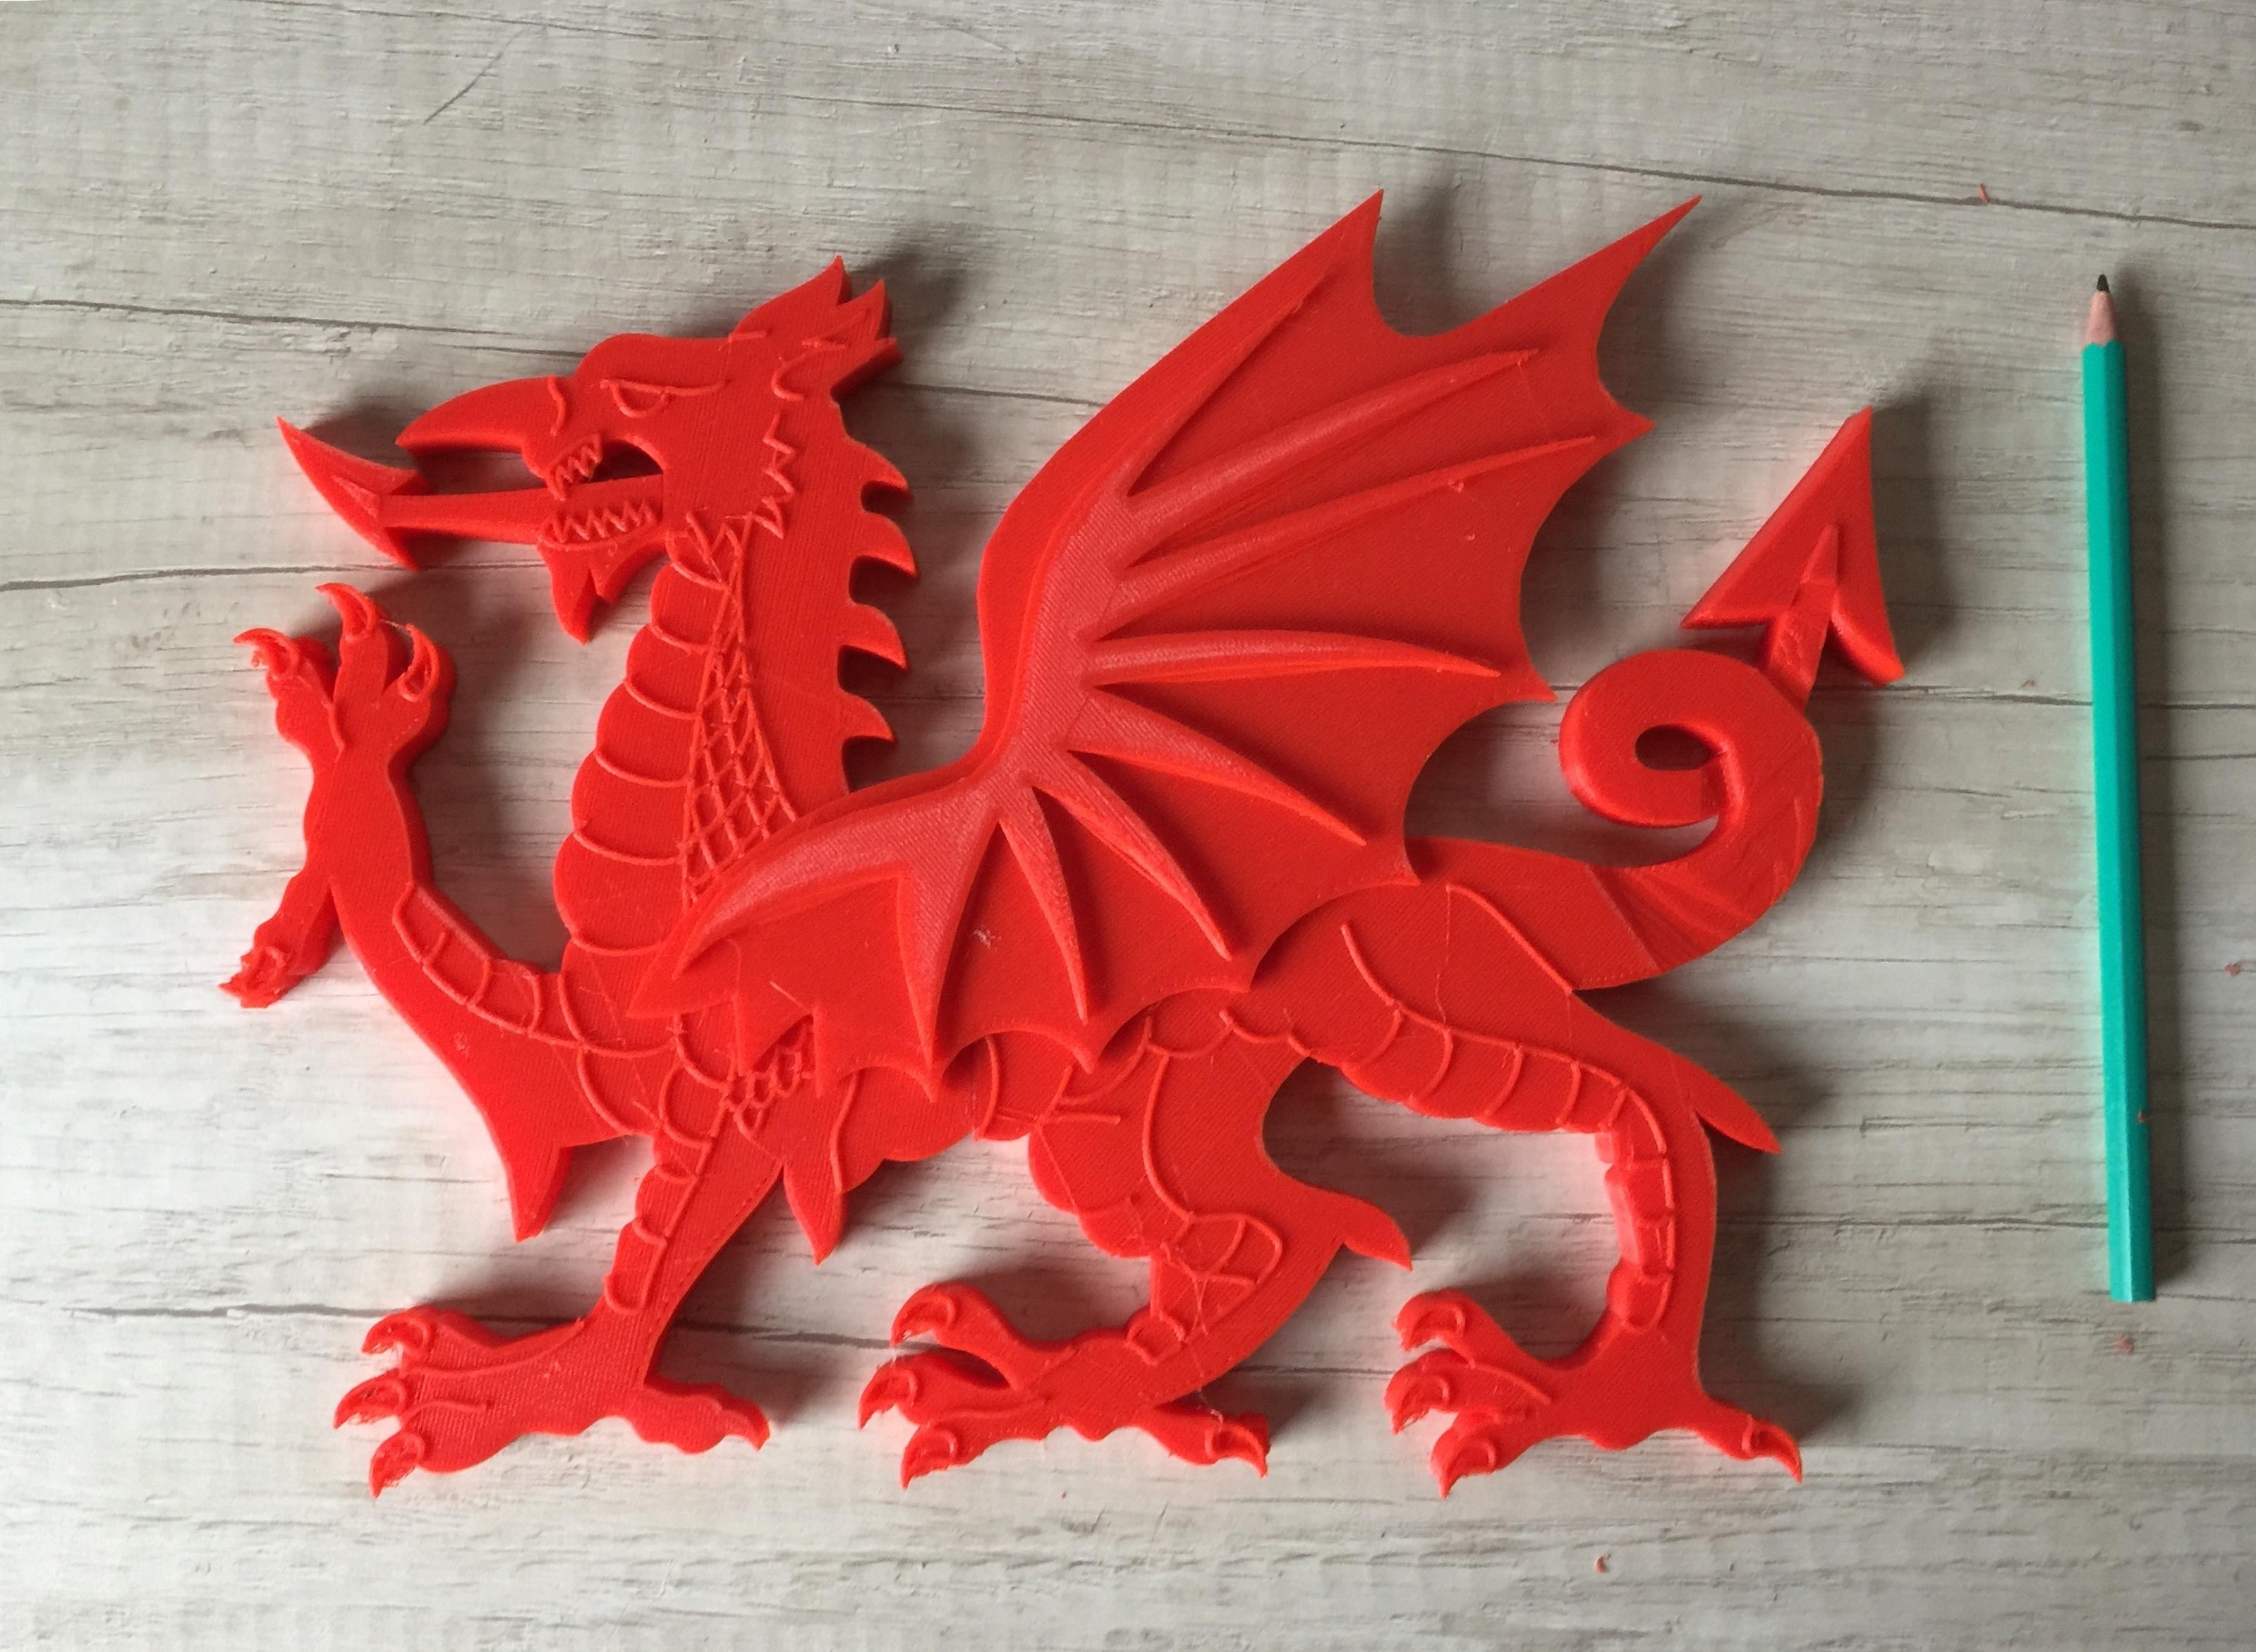 Download 3d Printer Model Wales Dragon Dragon Of Wales Cymru